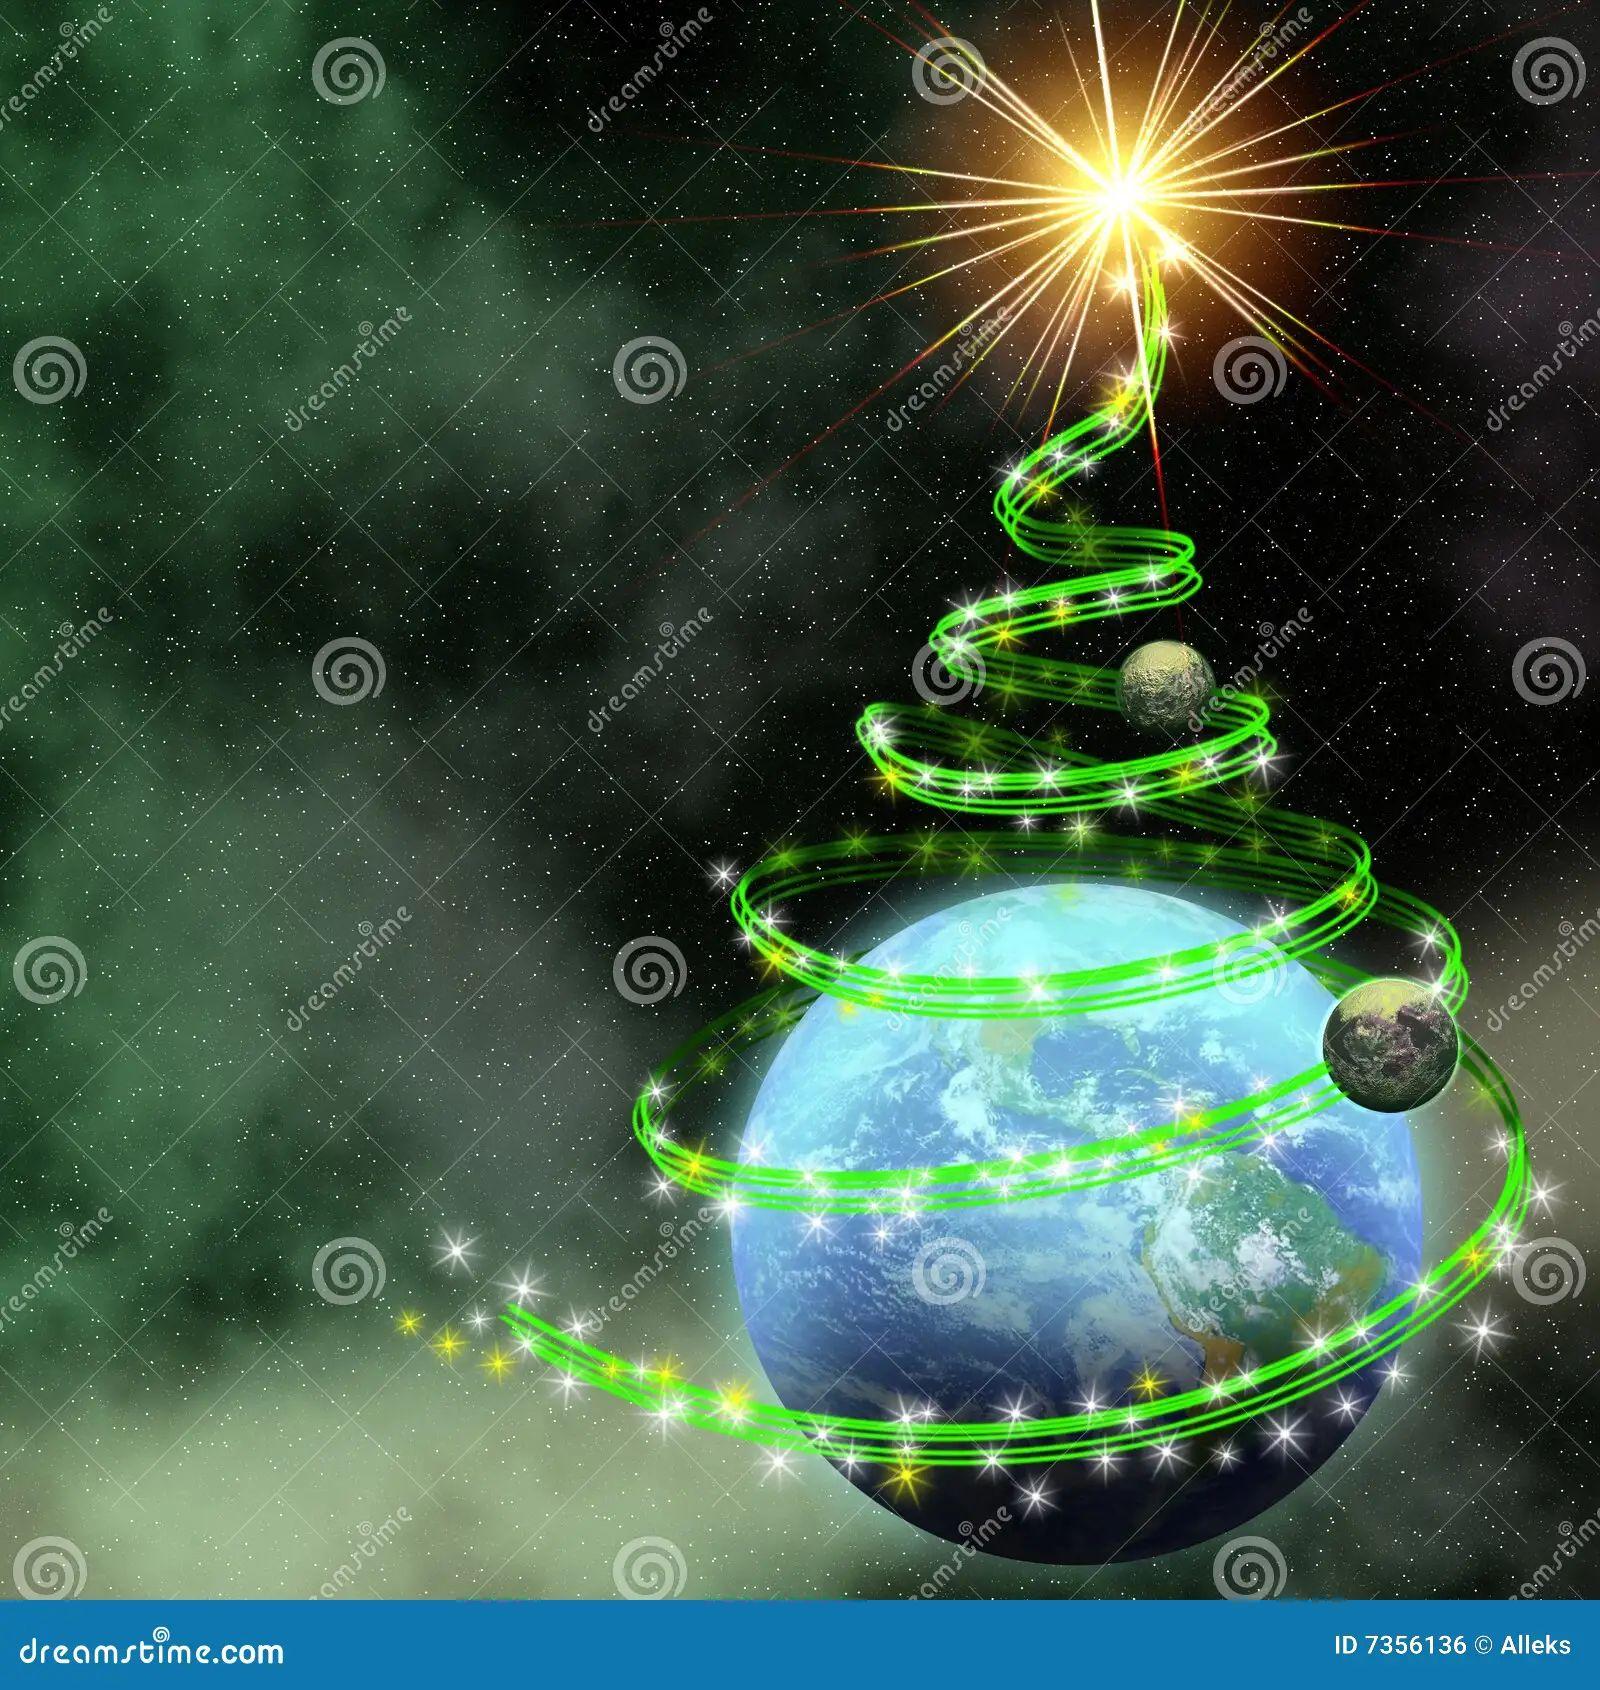 free christmas card graphics